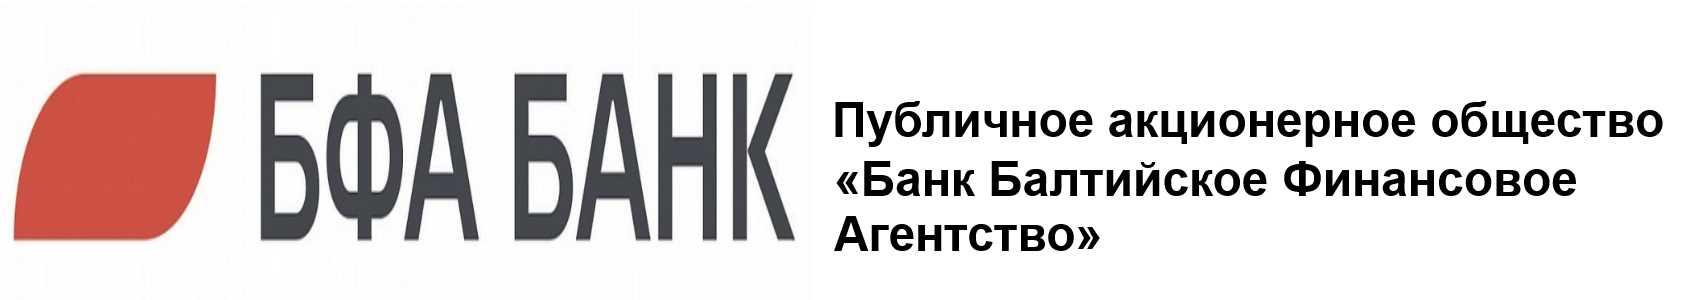 ПАО «Банк БФА»